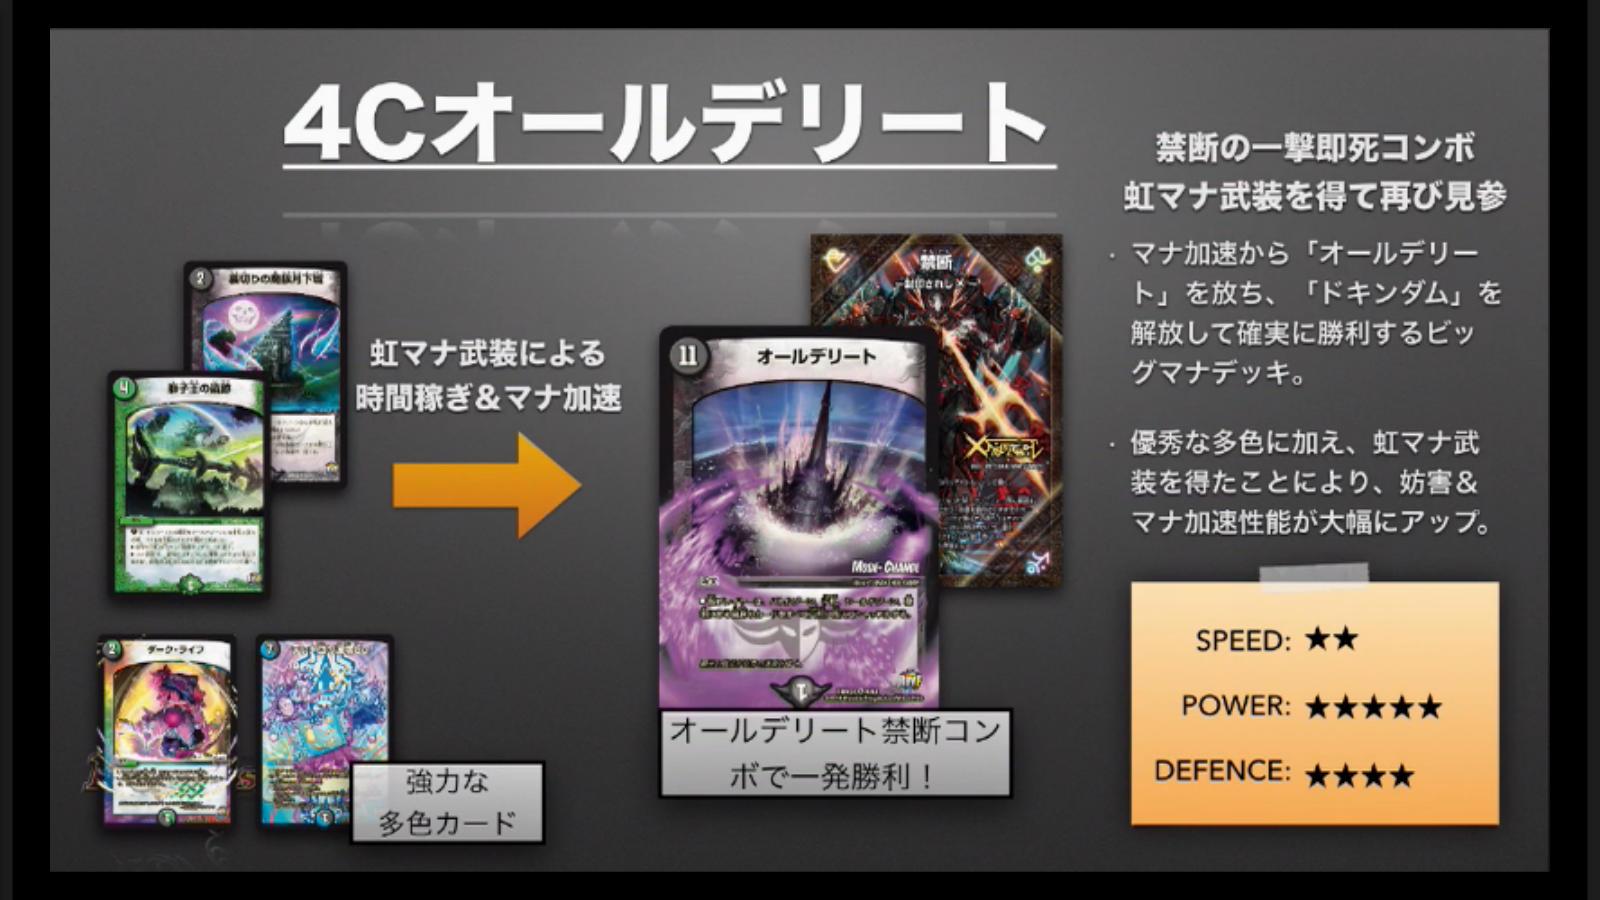 dm-kakumei-finalcup-news-170226-023.jpg